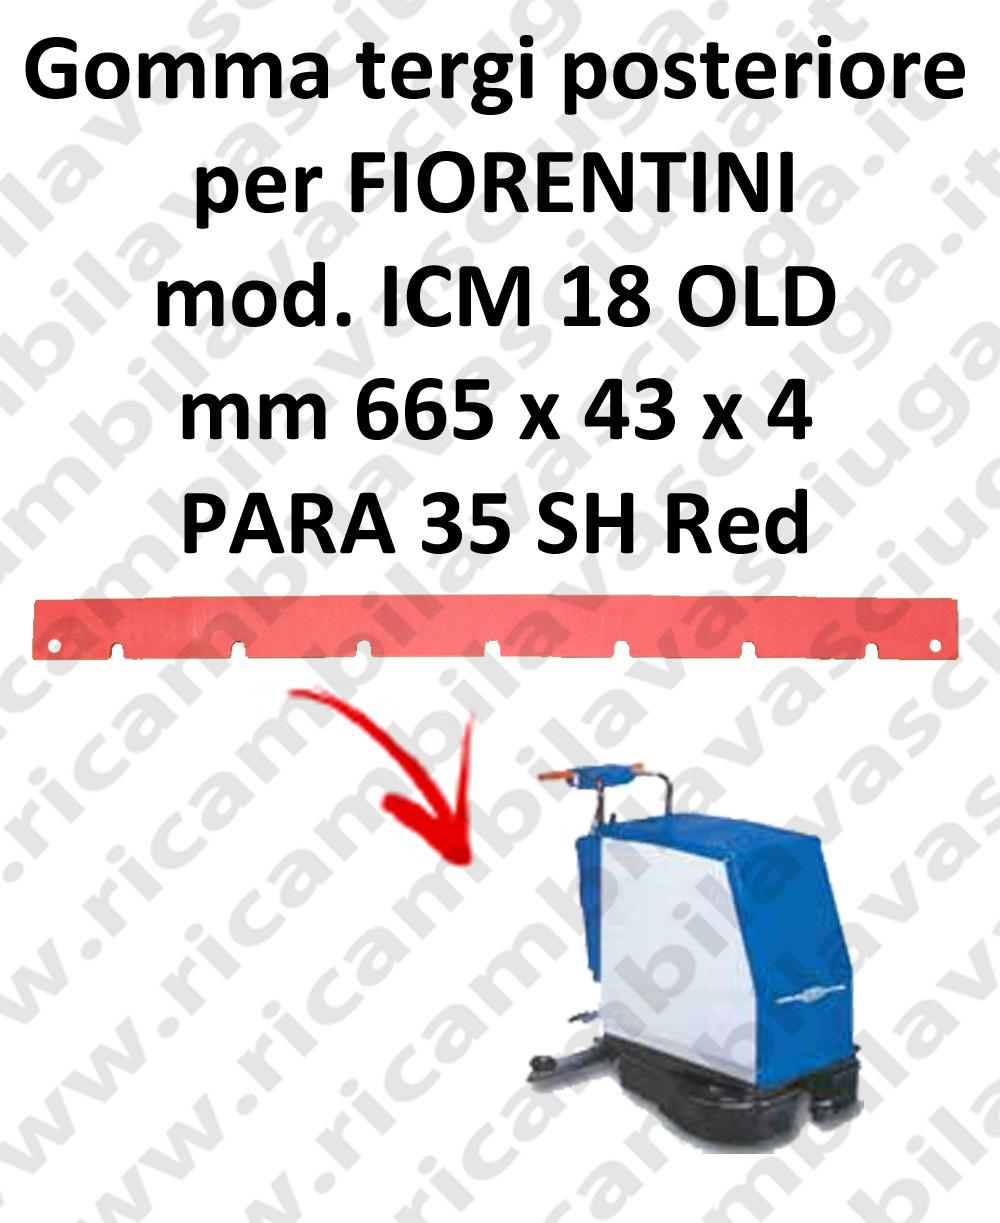 ICM 18 OLD GOMMA TERGI posteriore per tergipavimento FIORENTINI